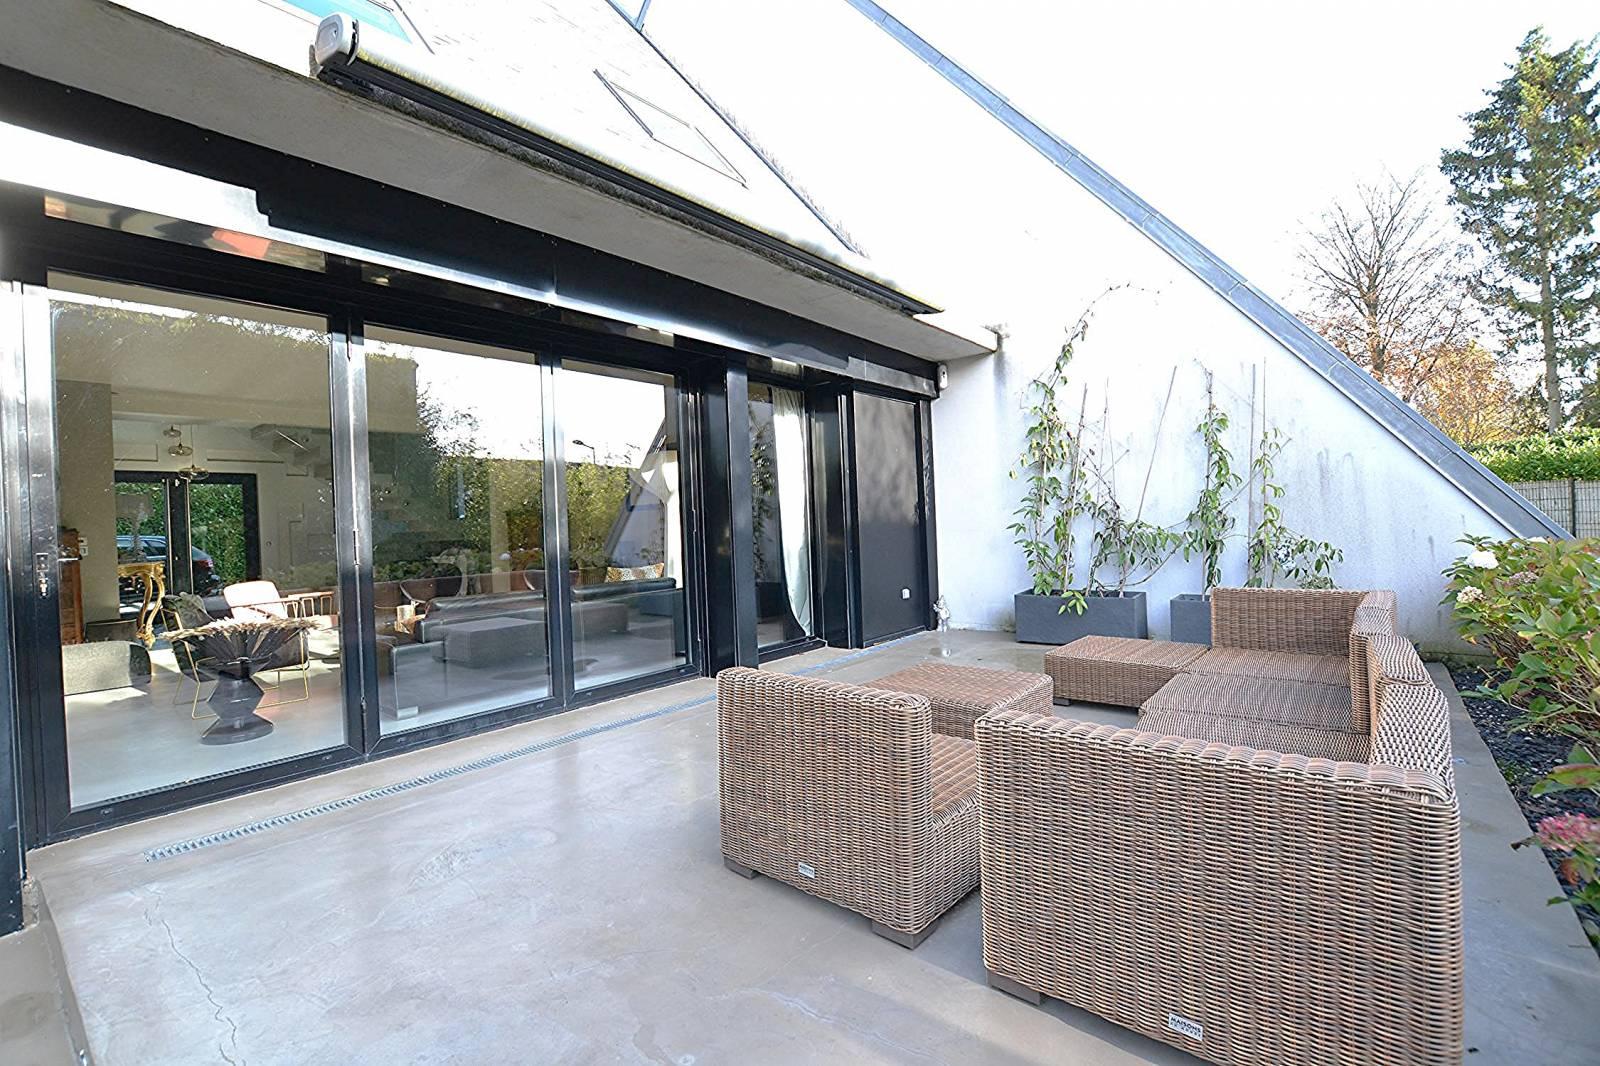 A vendre magnifique maison d'architecte avec piscine sur la commune de Bois Guillaume 76230 ...